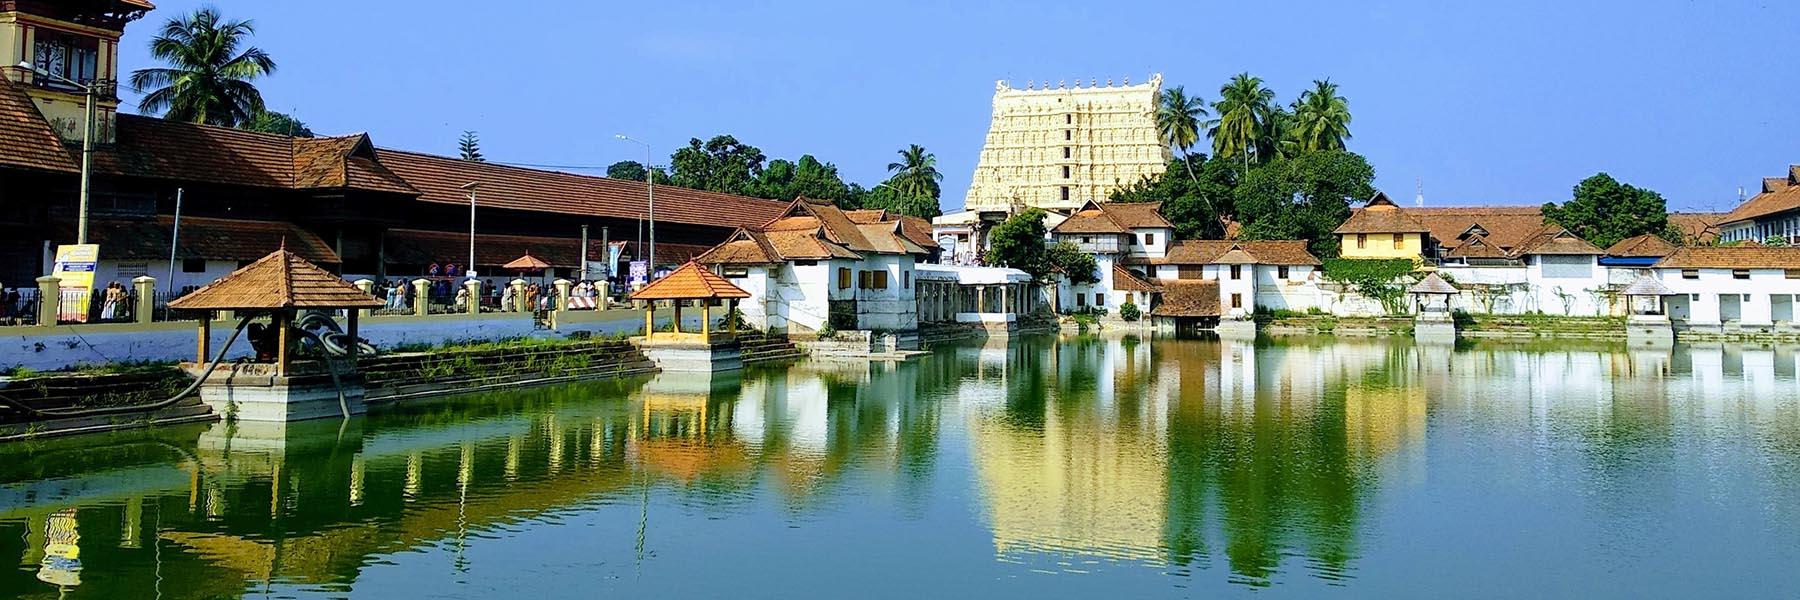 Tiruvananthampuram